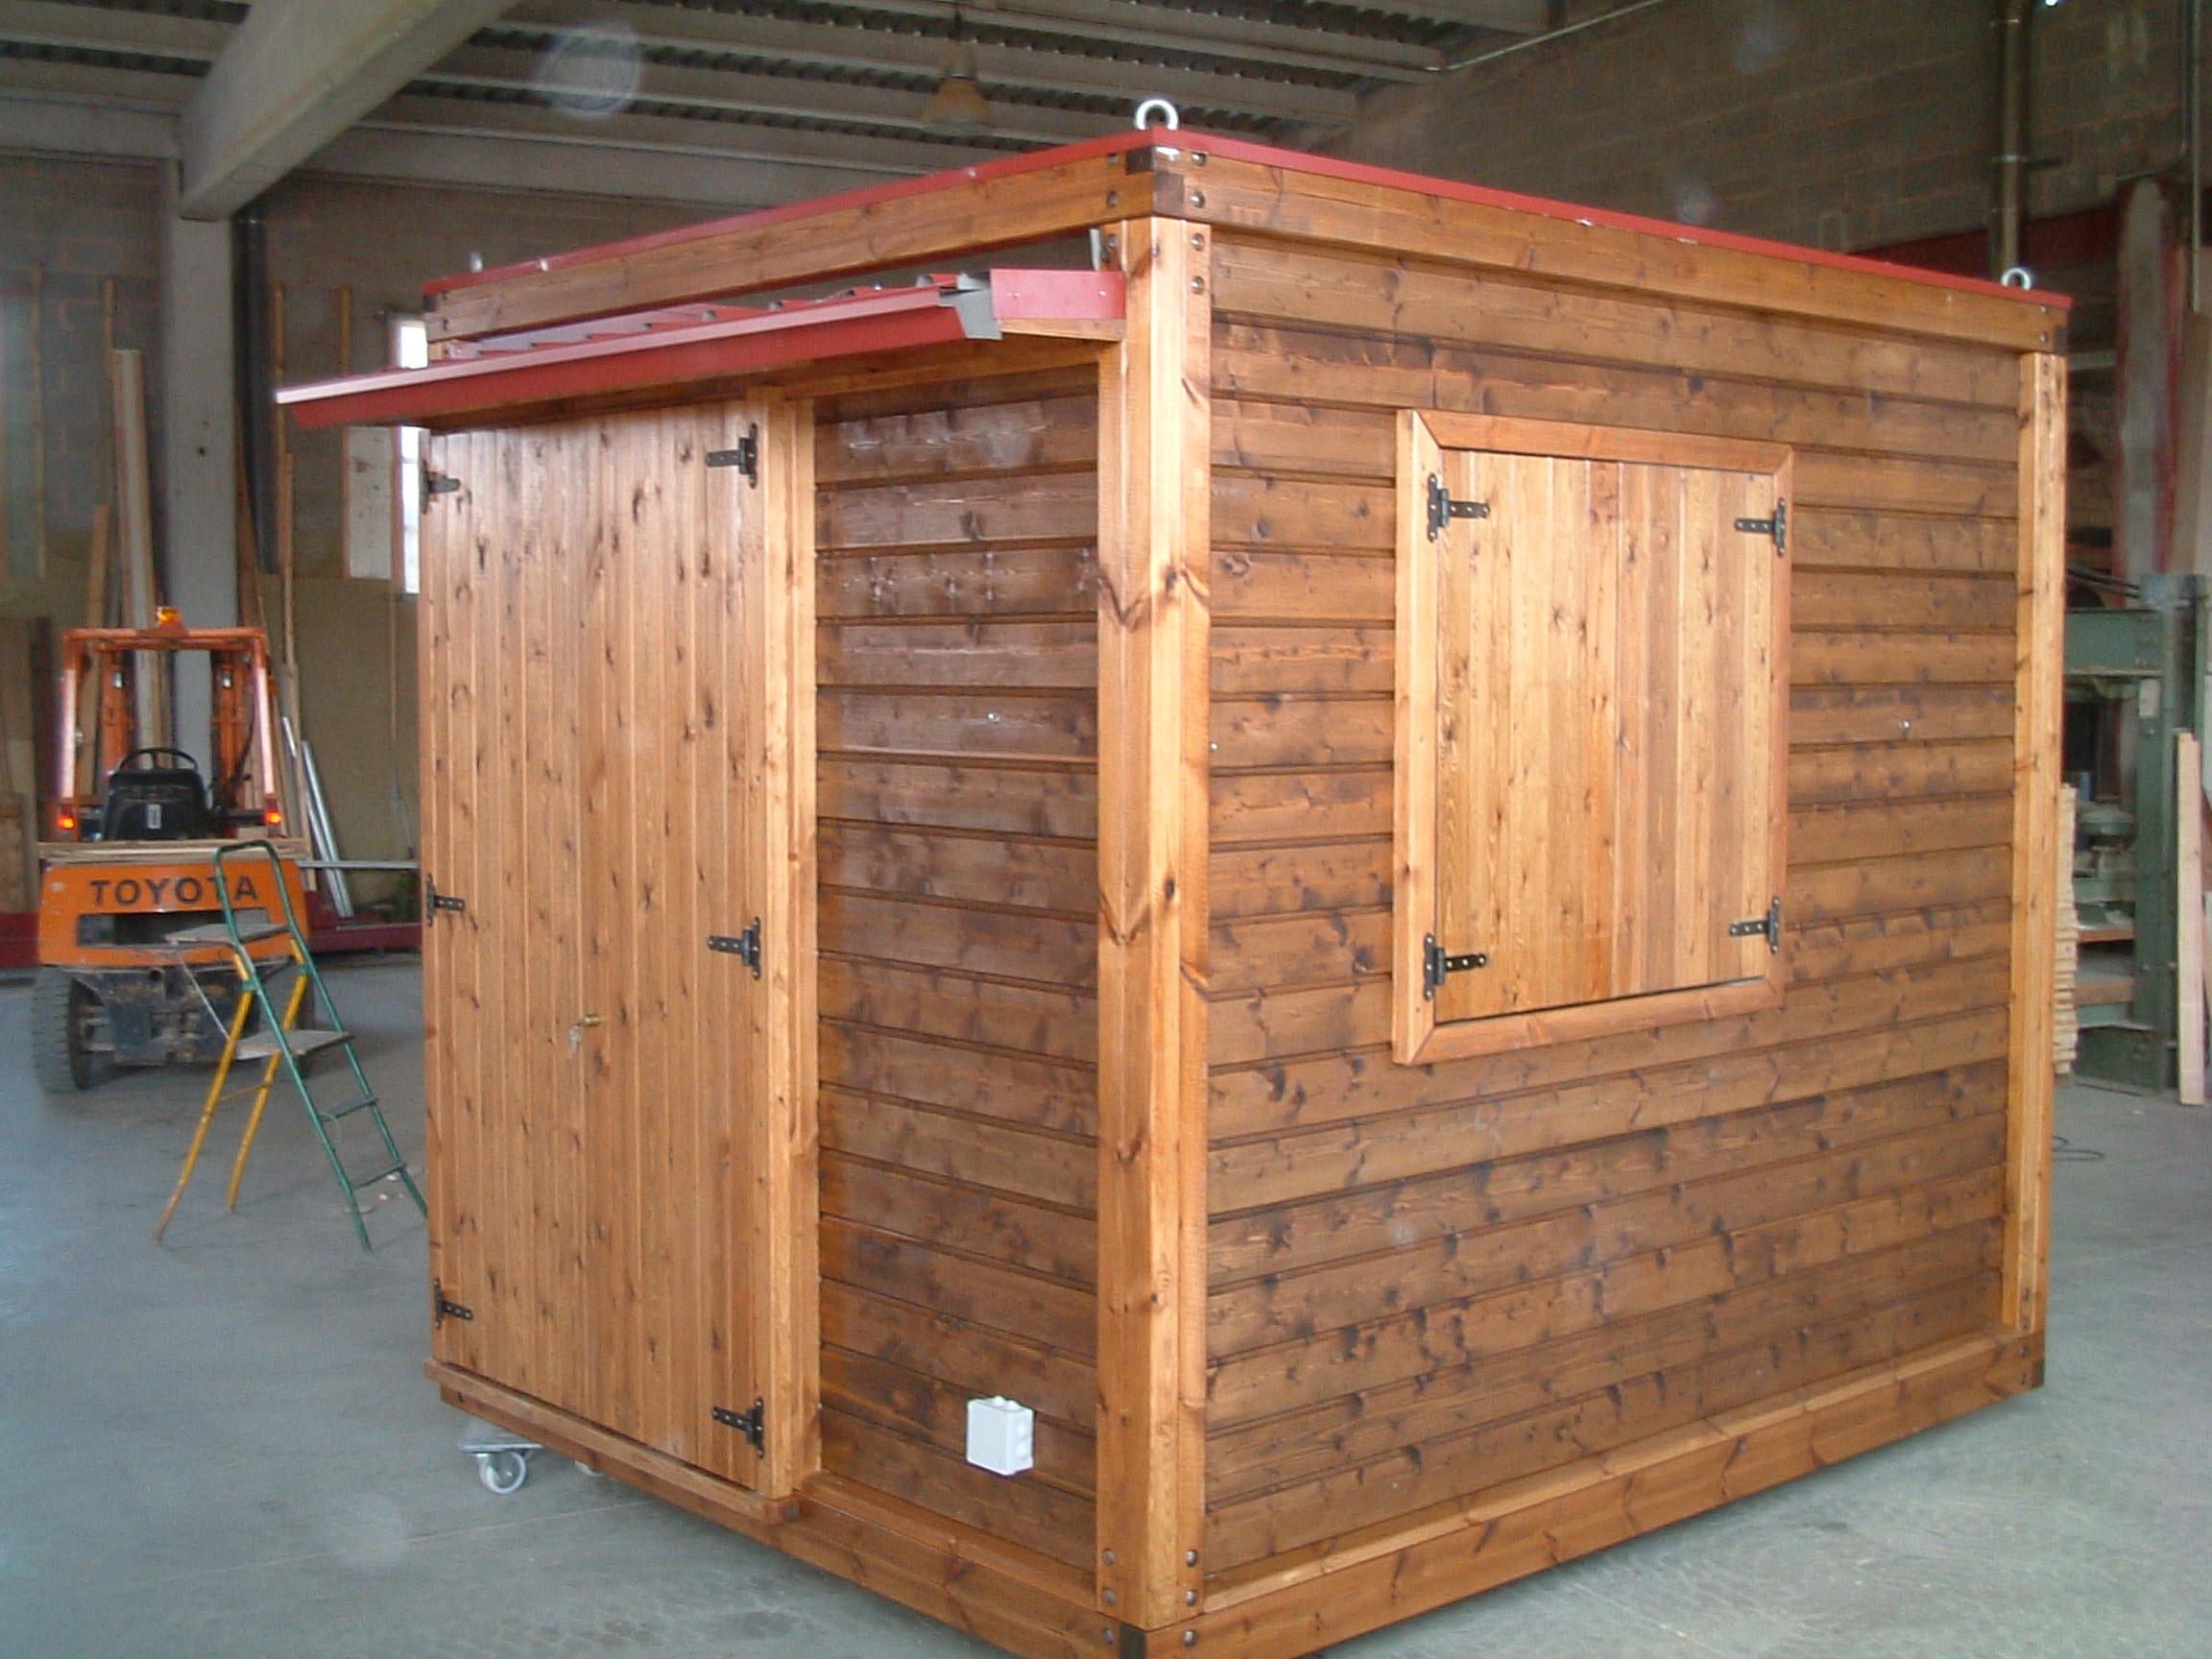 M dulos de madera fusteria esquius mecanizados con madera - Modulos de madera ...